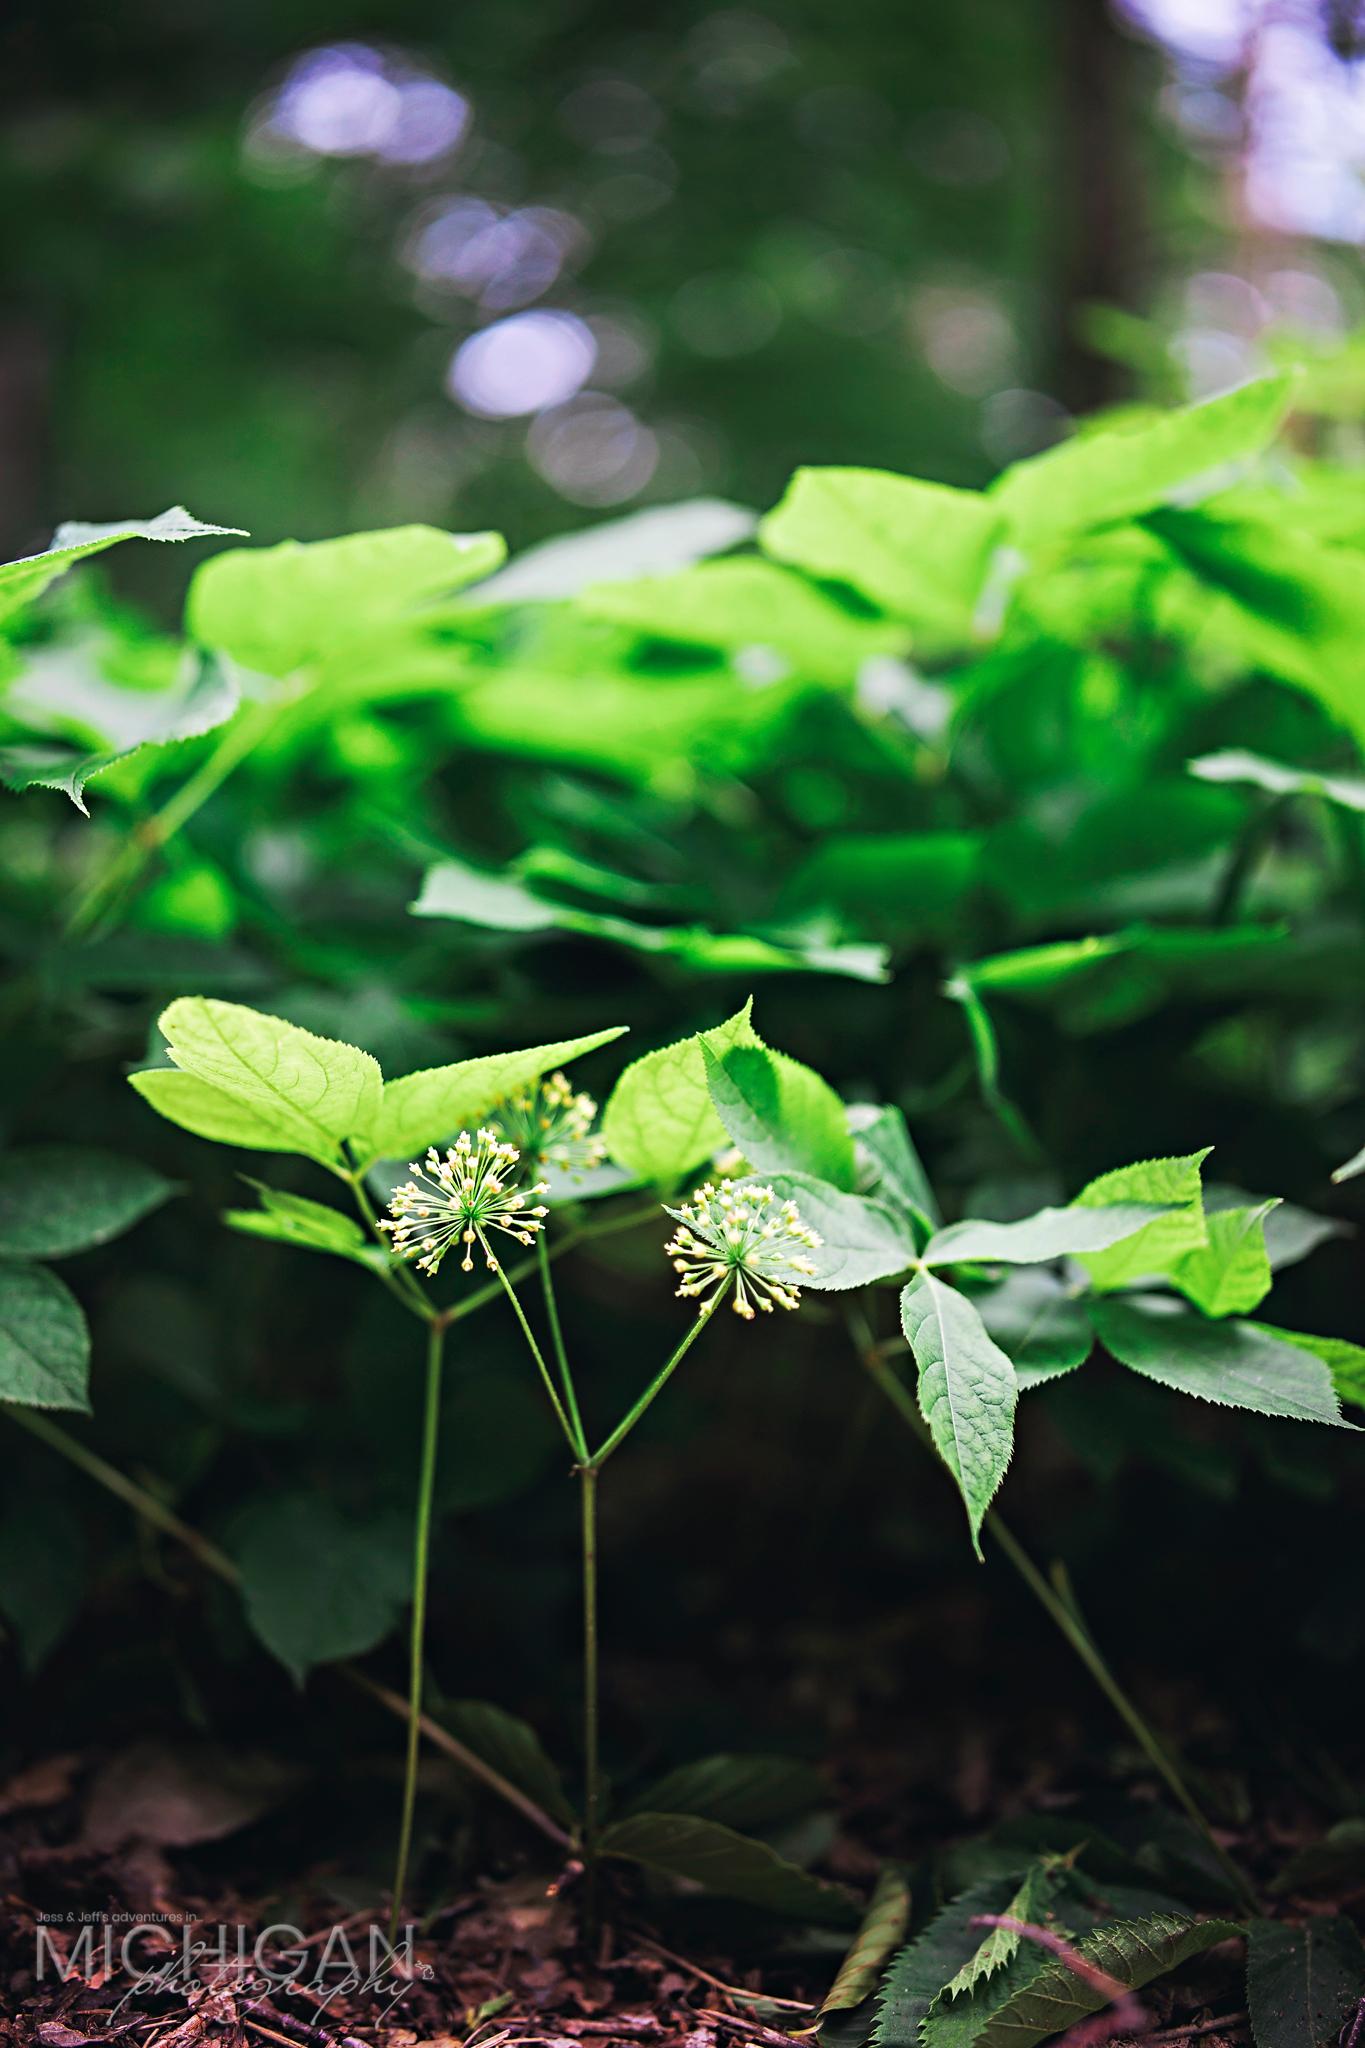 Sarsaparilla Araalia nudicaulis